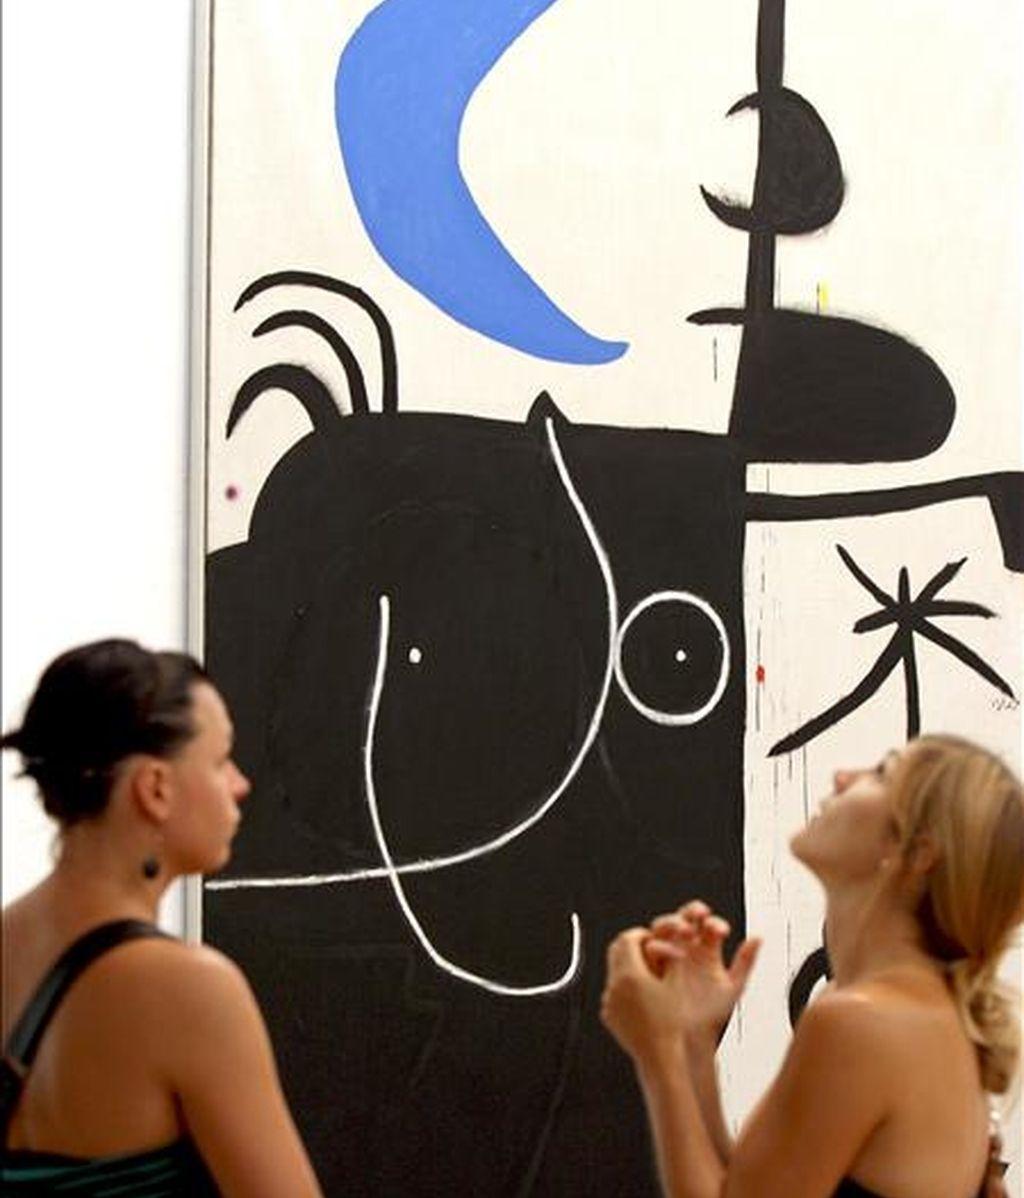 """Dos jóvenes ante el cuadro """"Mujer delante la luna"""" de Joan Miró, de la exposición """"Miró-Dupin Art i poesia"""", que tuvo lugar en 2009 en la Fundación Miró de Barcelona. EFE/Archivo"""